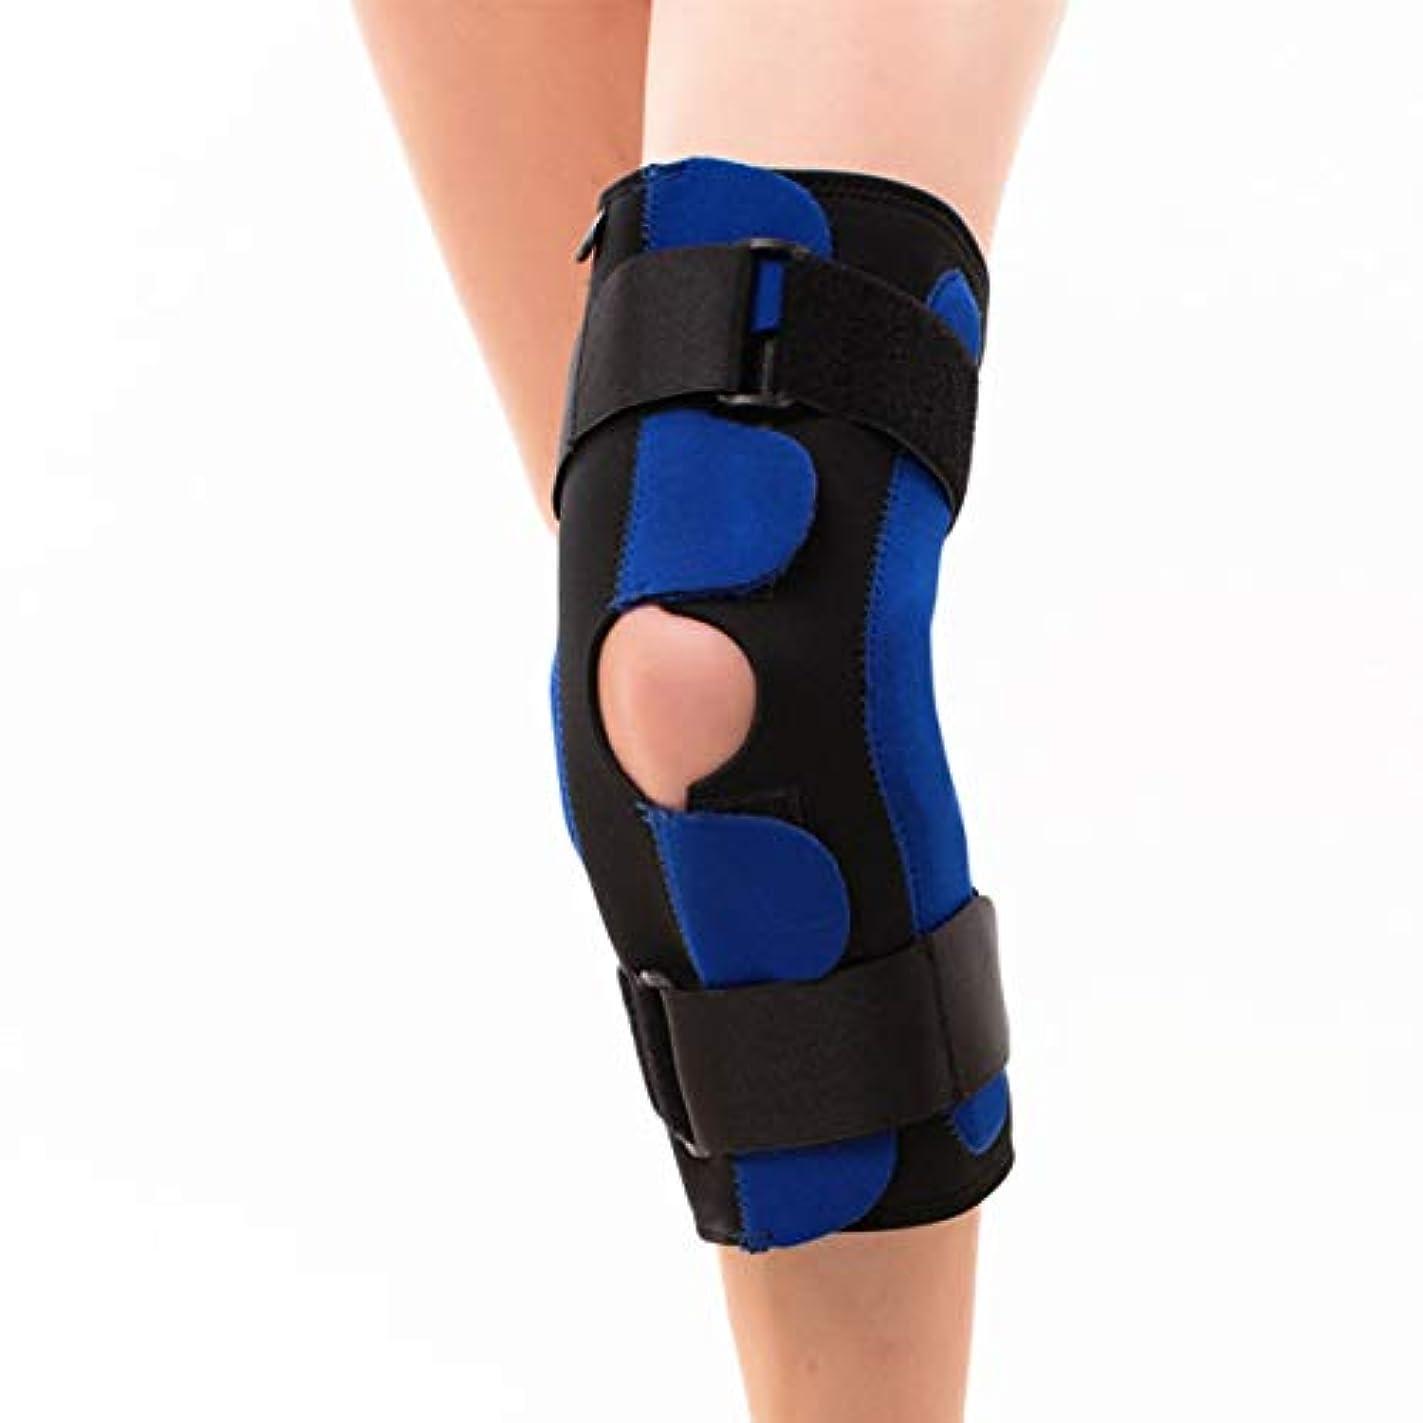 津波ラフトランクライブラリ屋外スポーツ膝パッド膝鋼サポートバークライミングスポーツ安全膝ブレースフィットネス保護パーツ-ブラックL